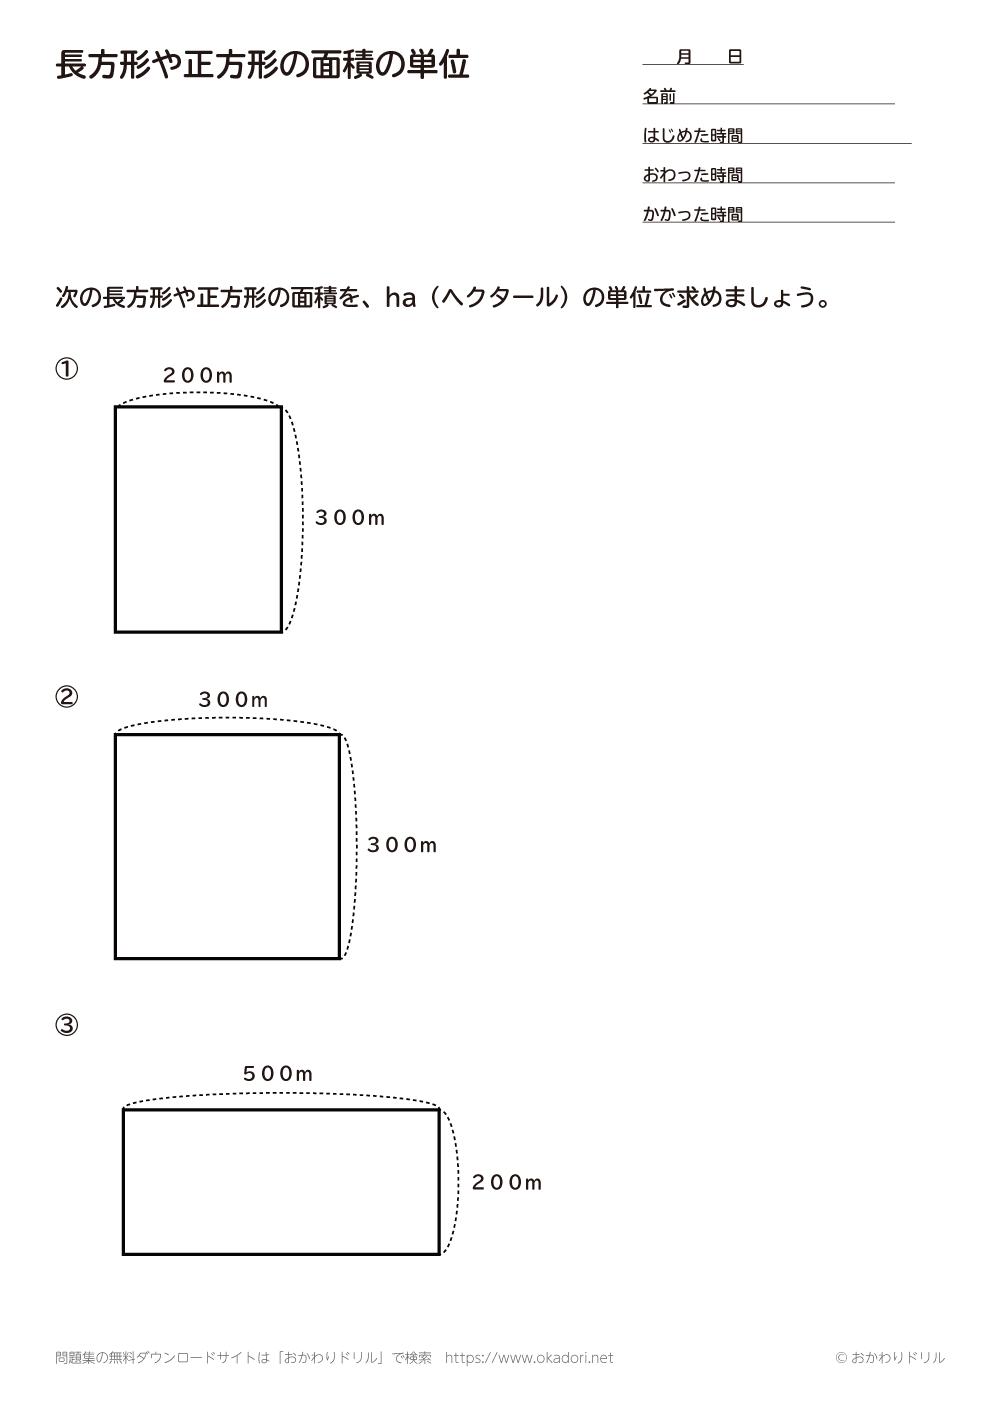 長方形や正方形の面積の単位5